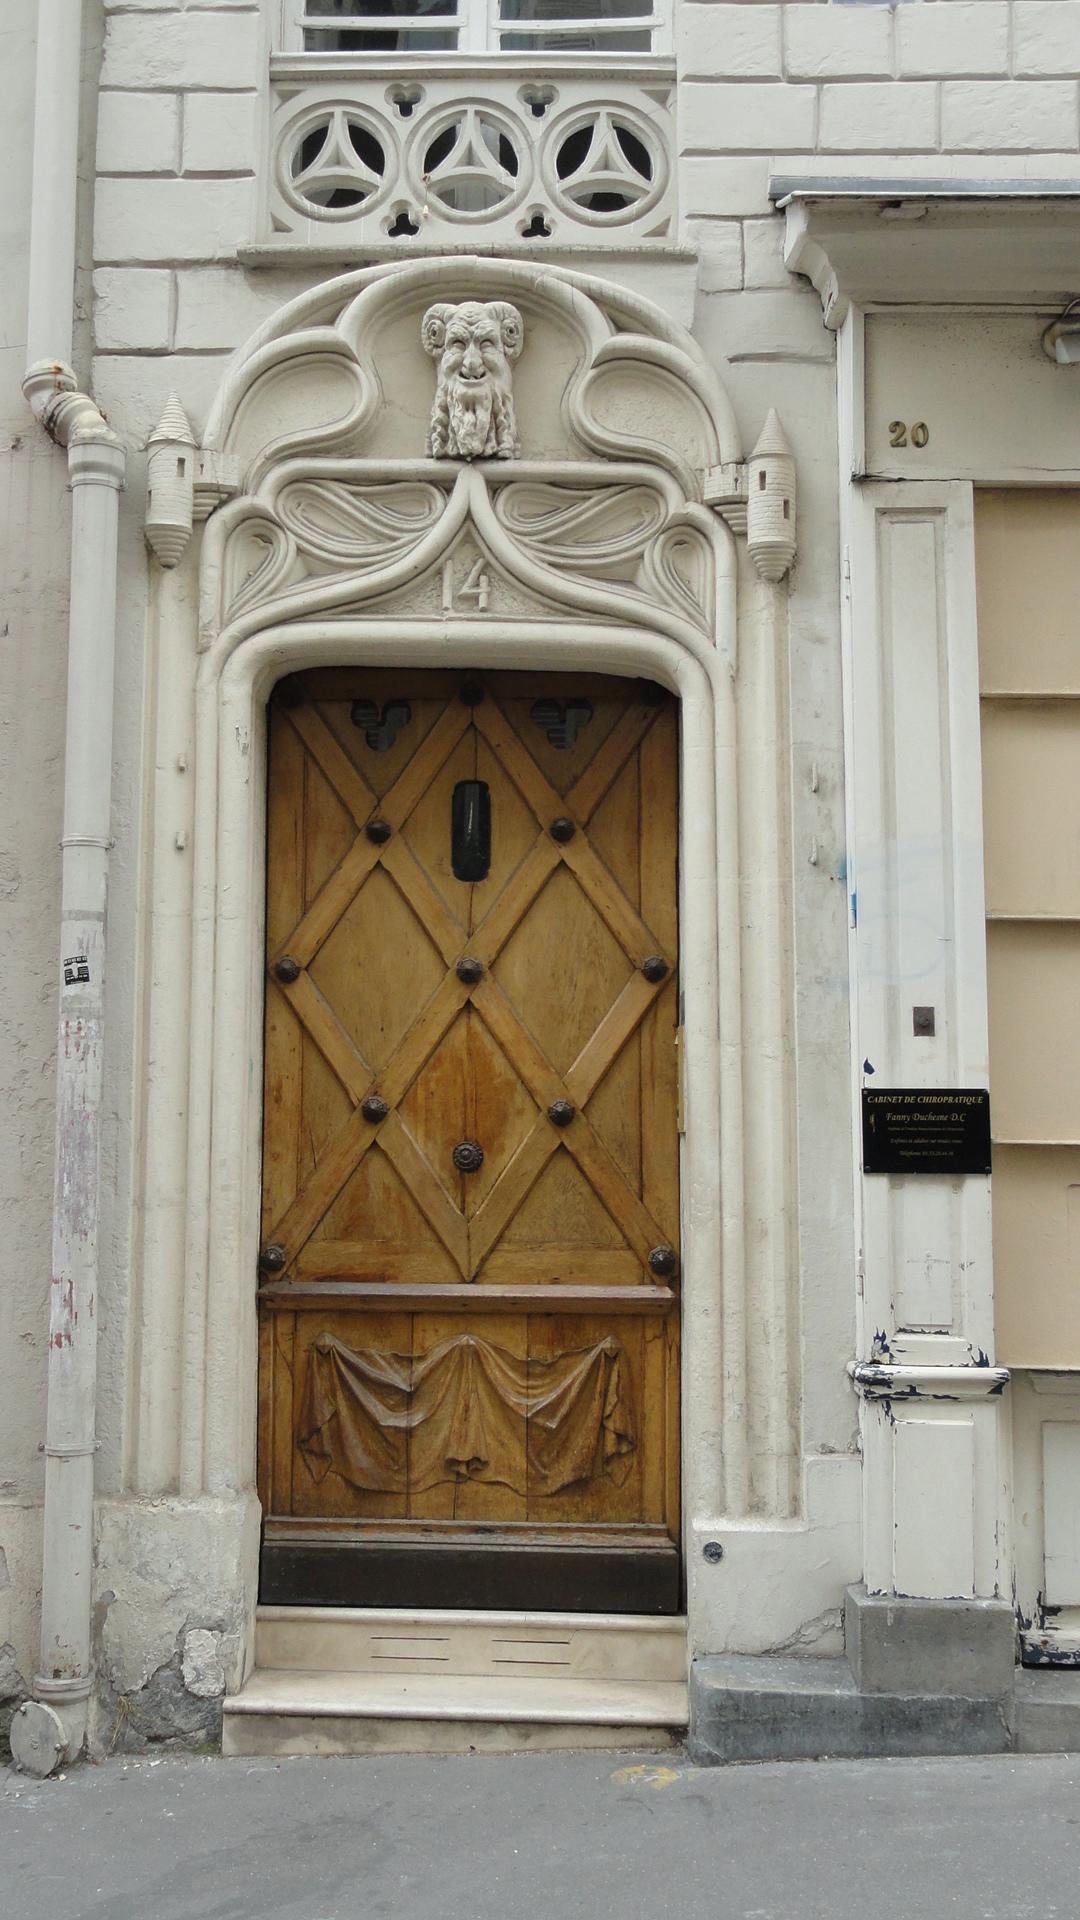 Balade dans Montmartre et les Abbesses  - Porte du n°14 rue Durantin